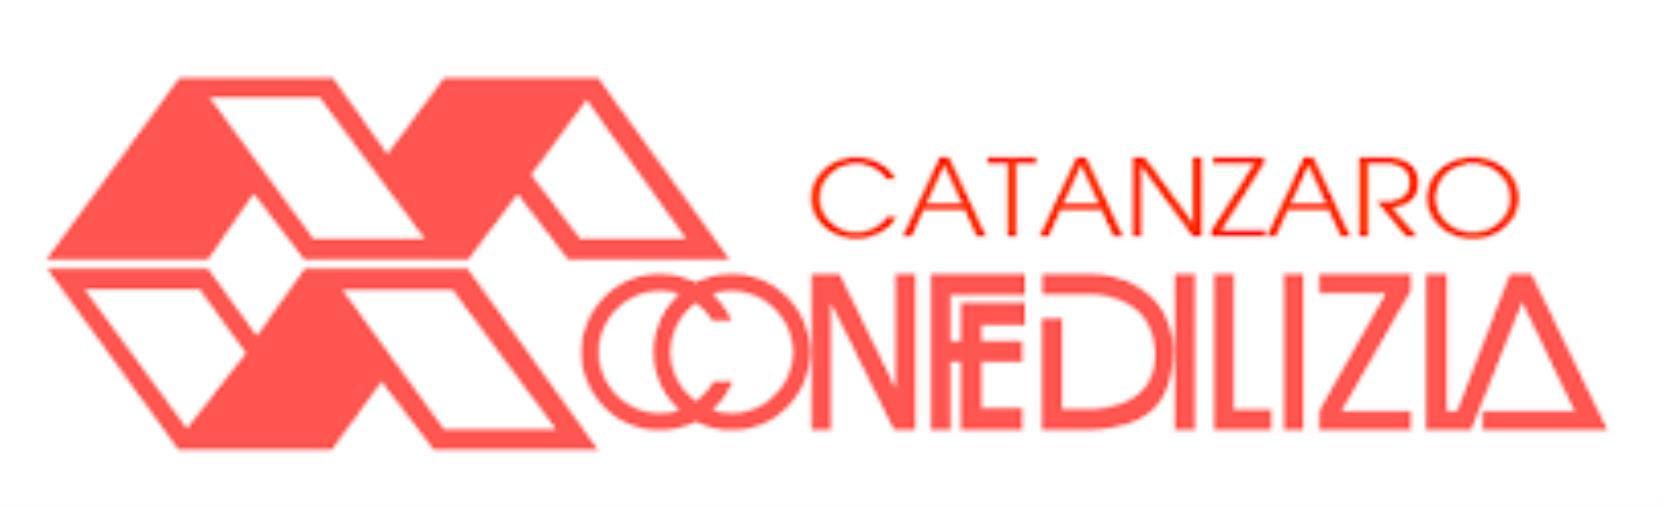 """images Confedilizia Calabria sulla proroga sfratti: """"È atto che danneggia tutti"""""""